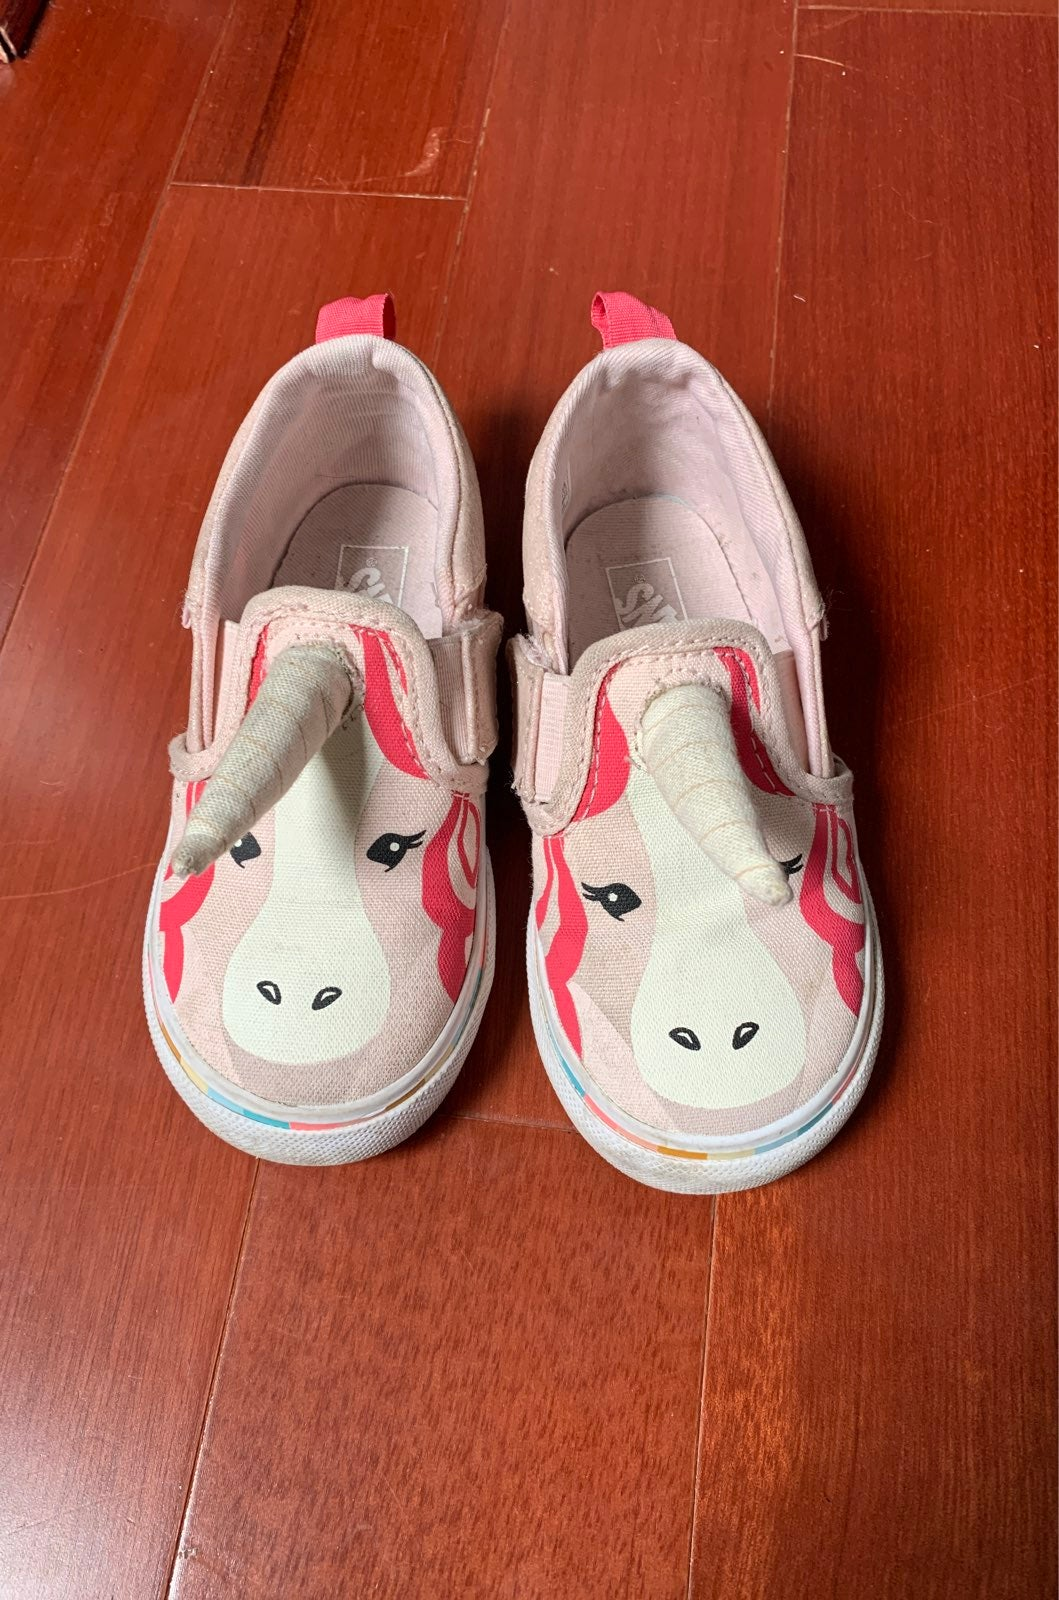 Vans Unicorn Shoes 8c